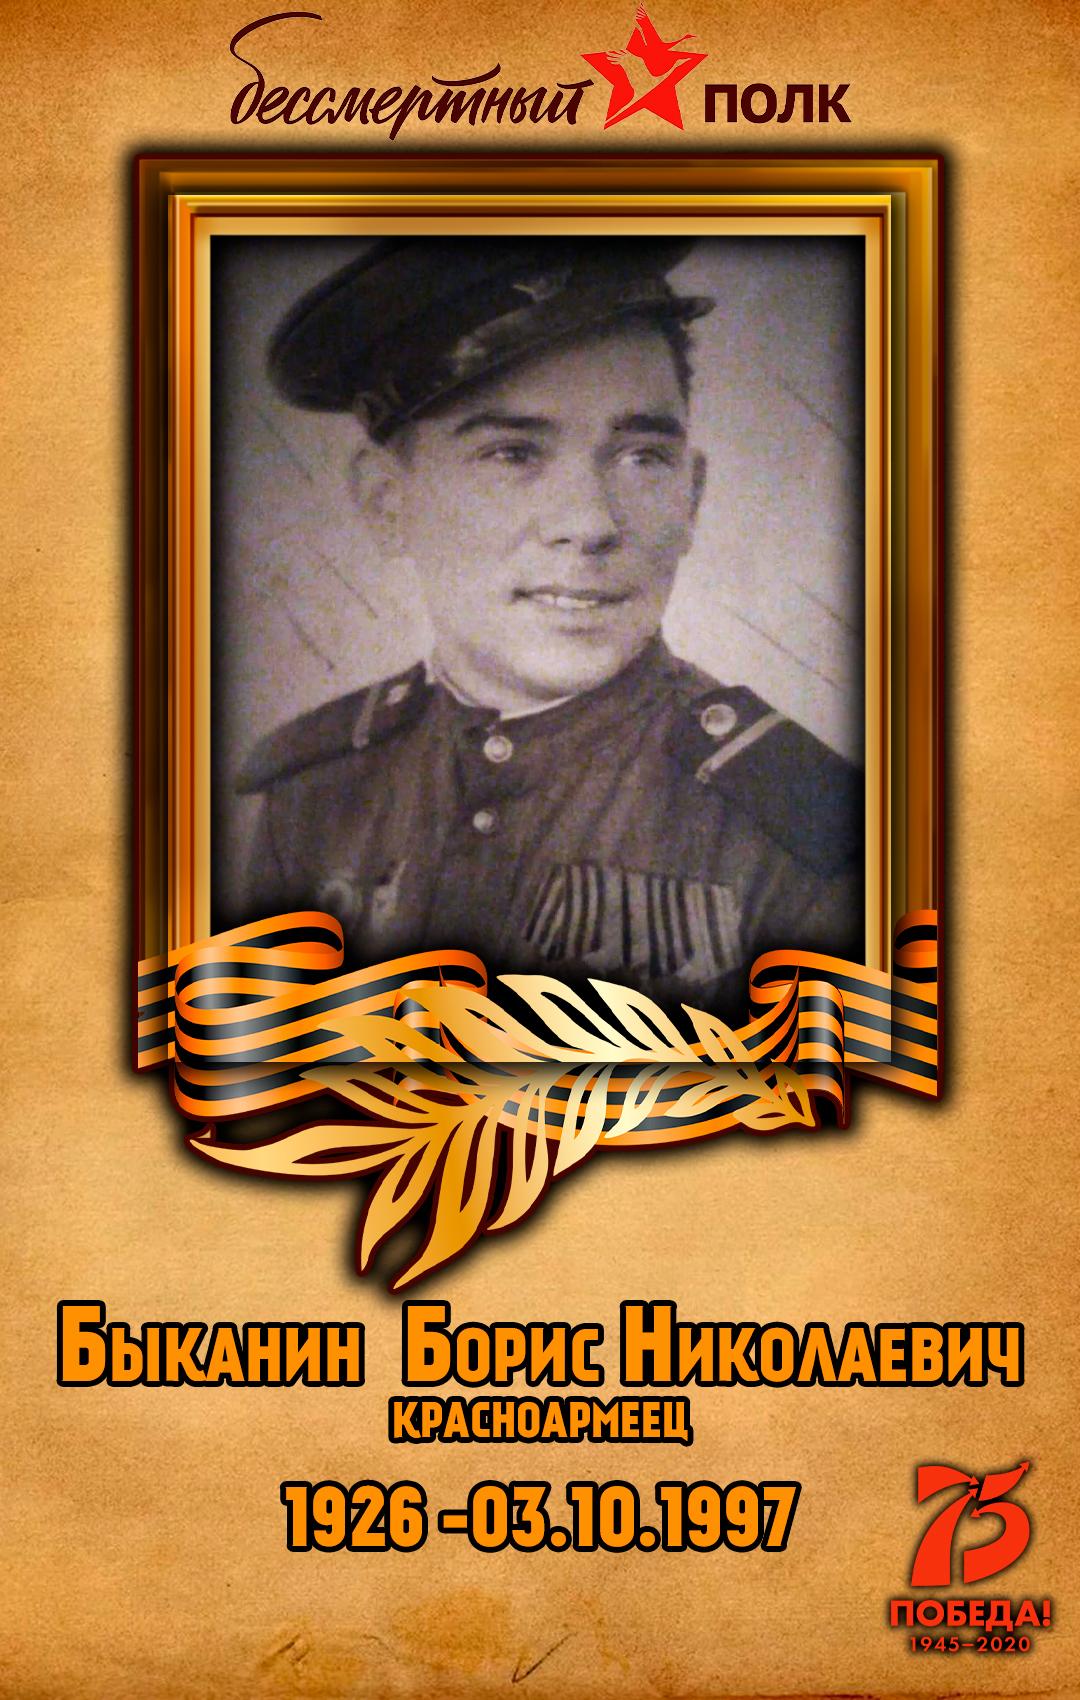 Быканин--Борис-Николаевич